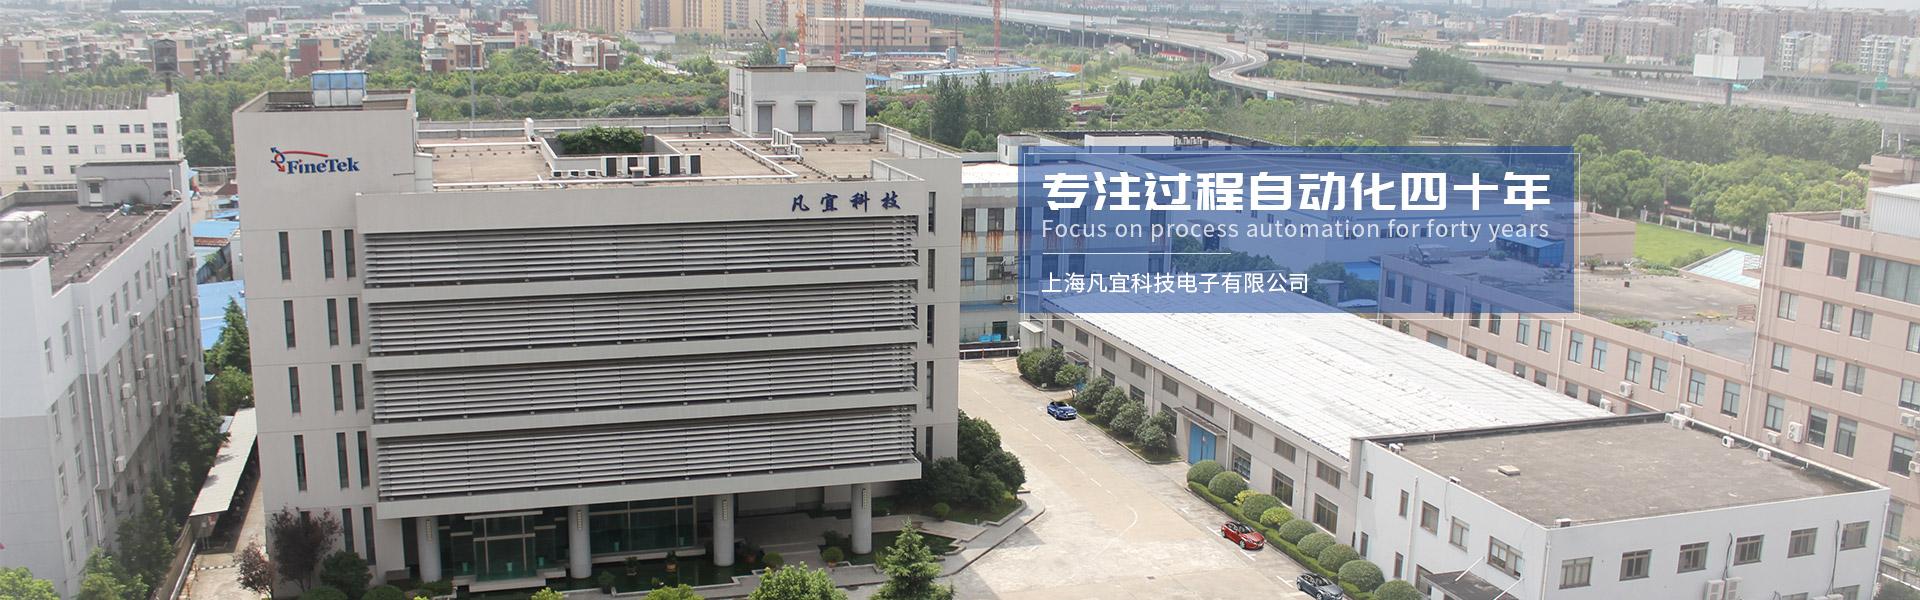 广州微脸科技有限公司